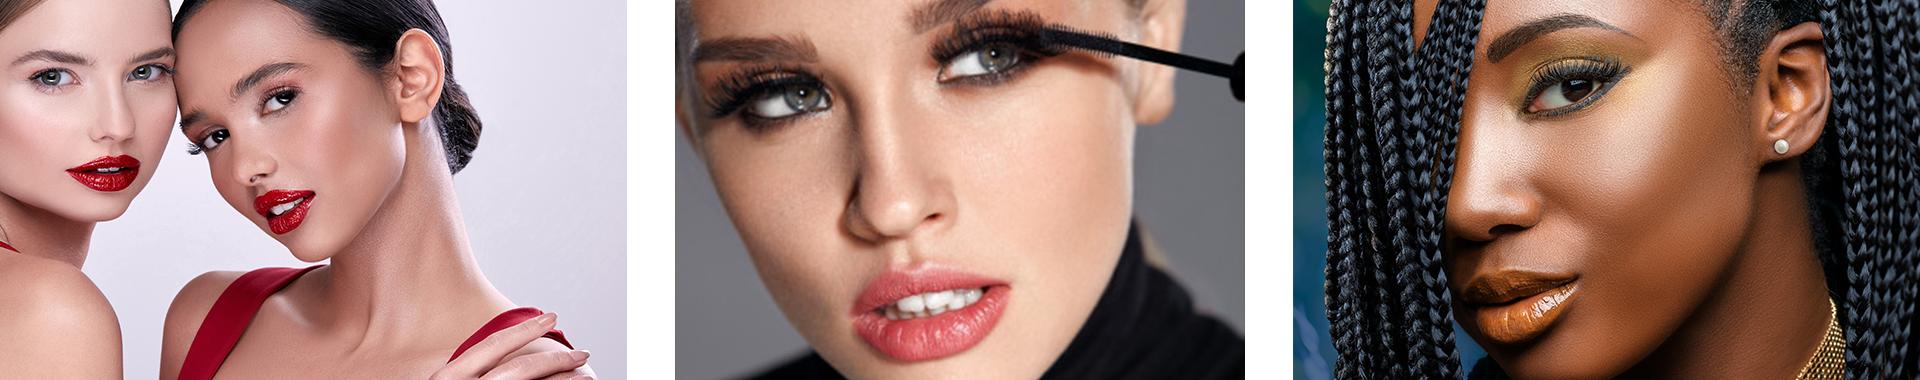 Maquillage-naturelle-maquillage-sophistiqué